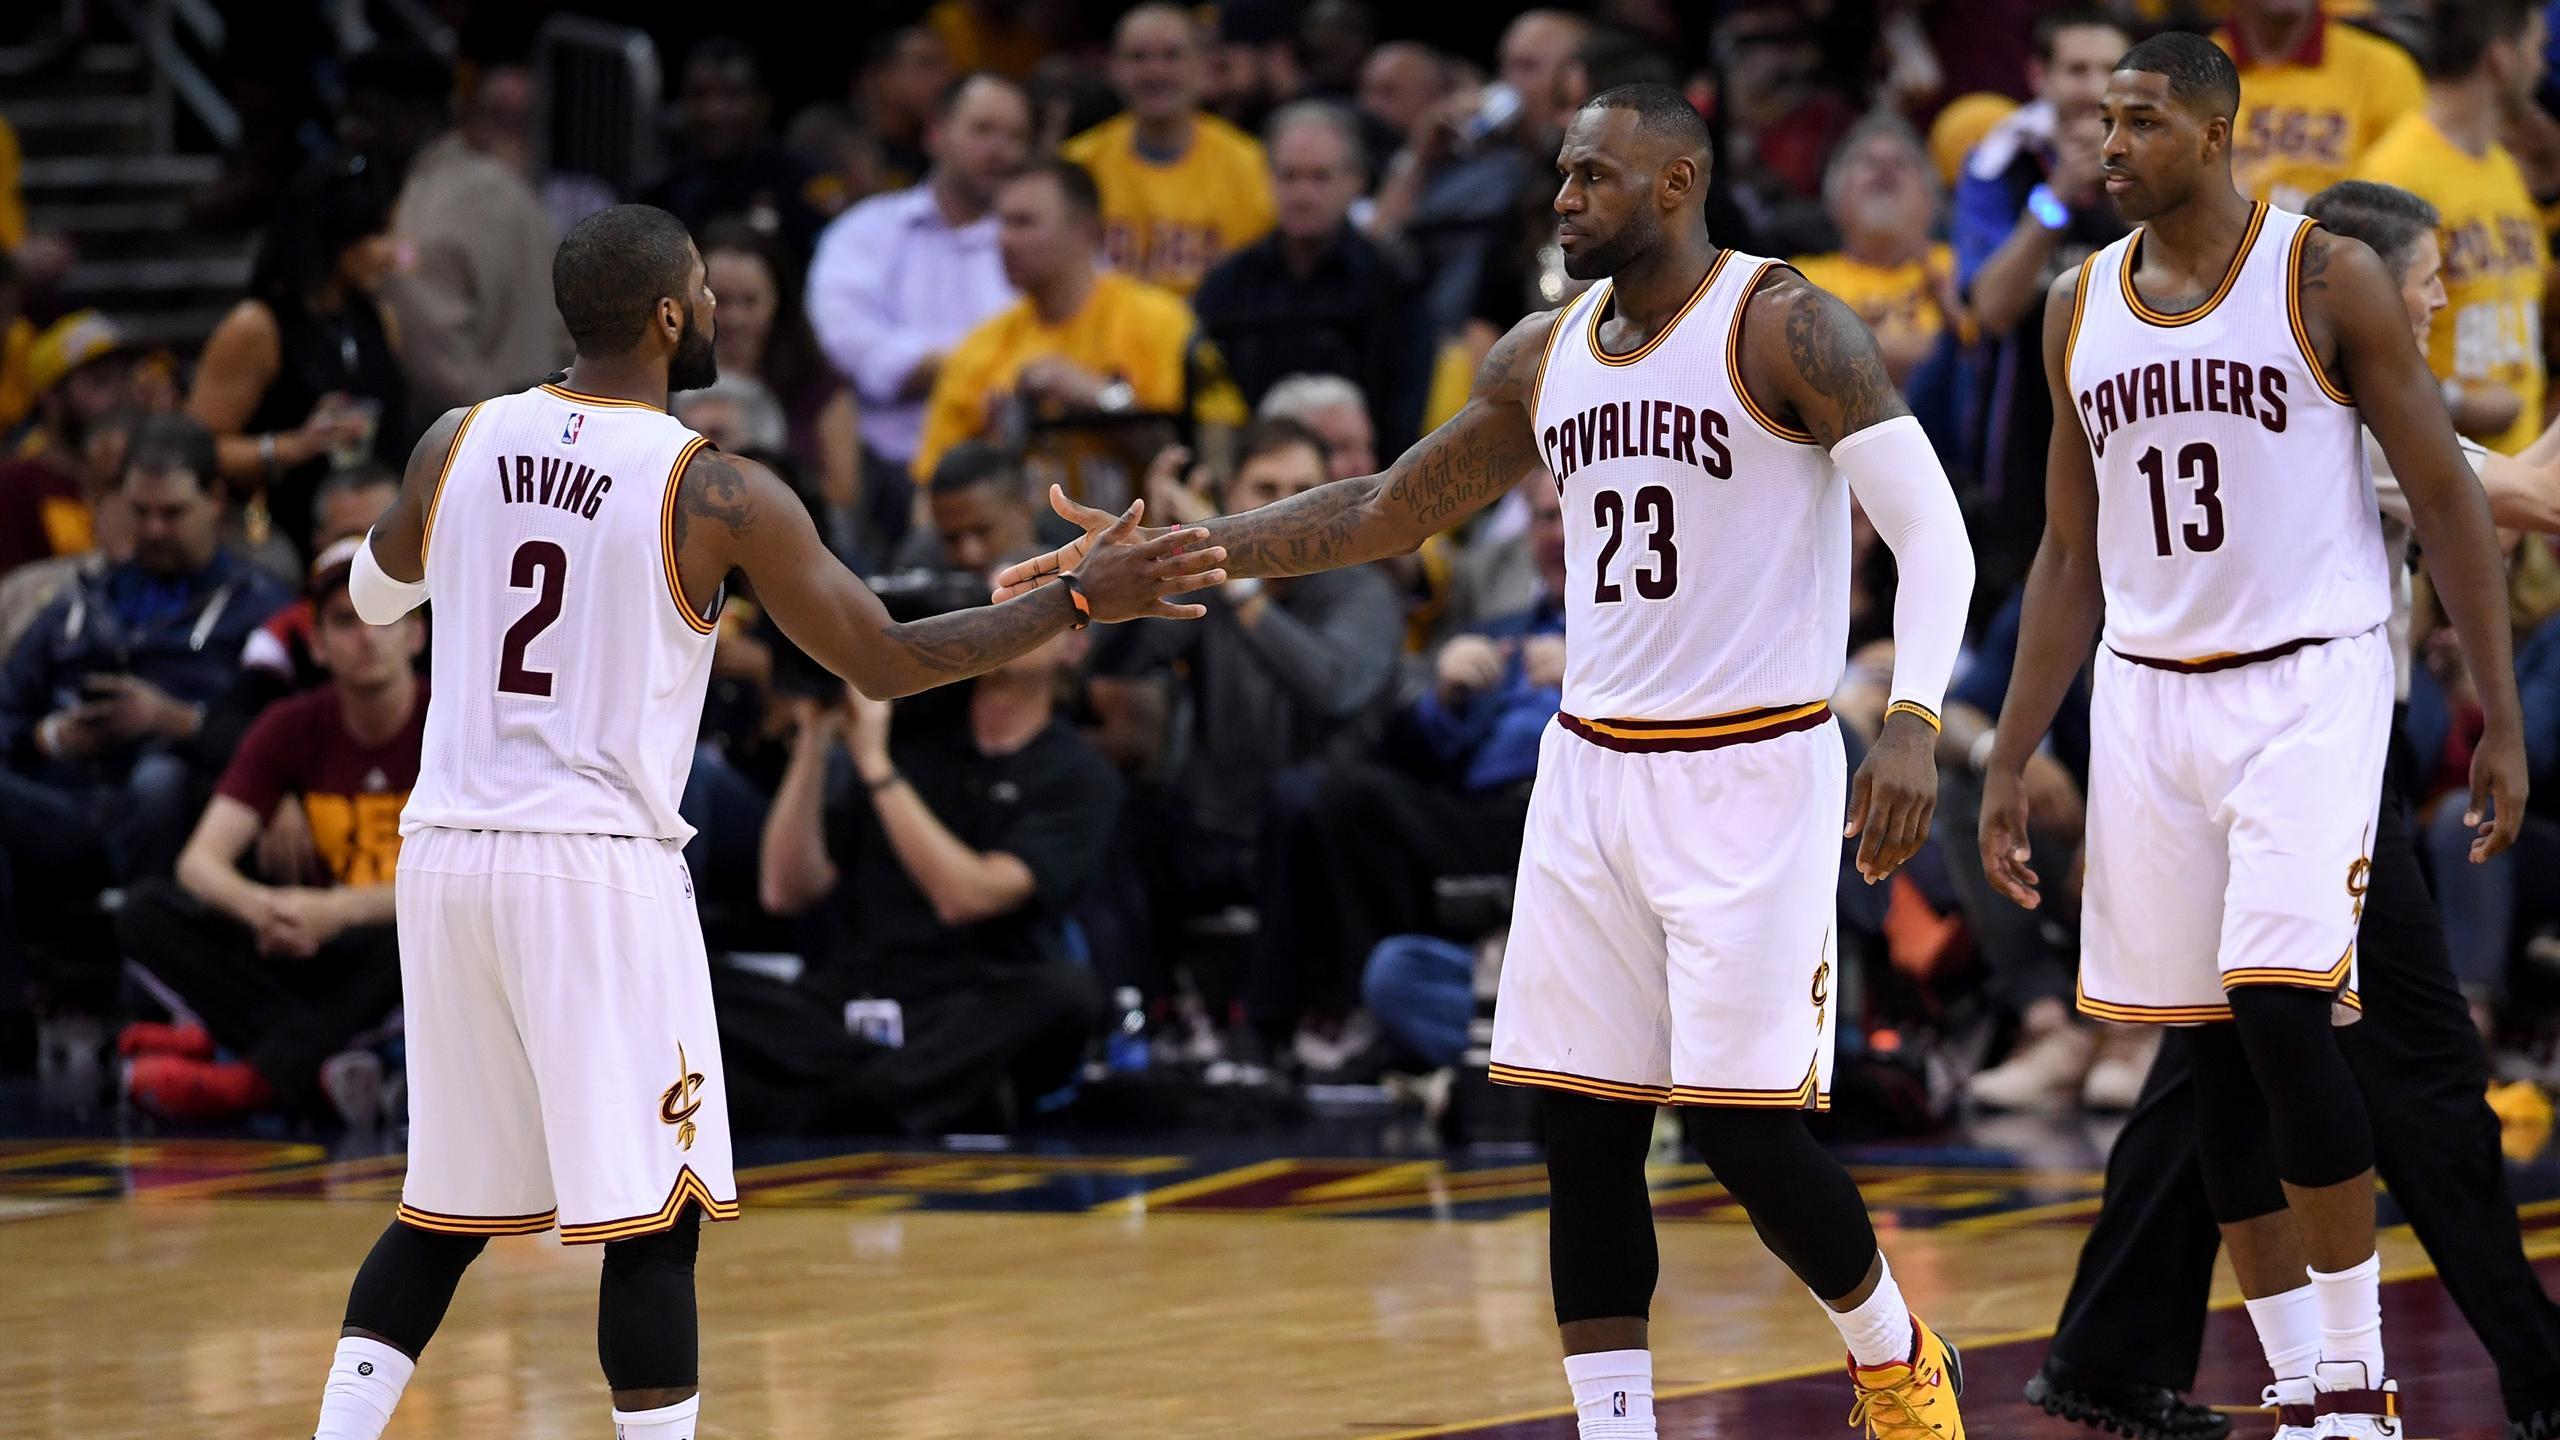 Kyrie Irving et LeBron James avec les Cleveland Cavaliers - 2016